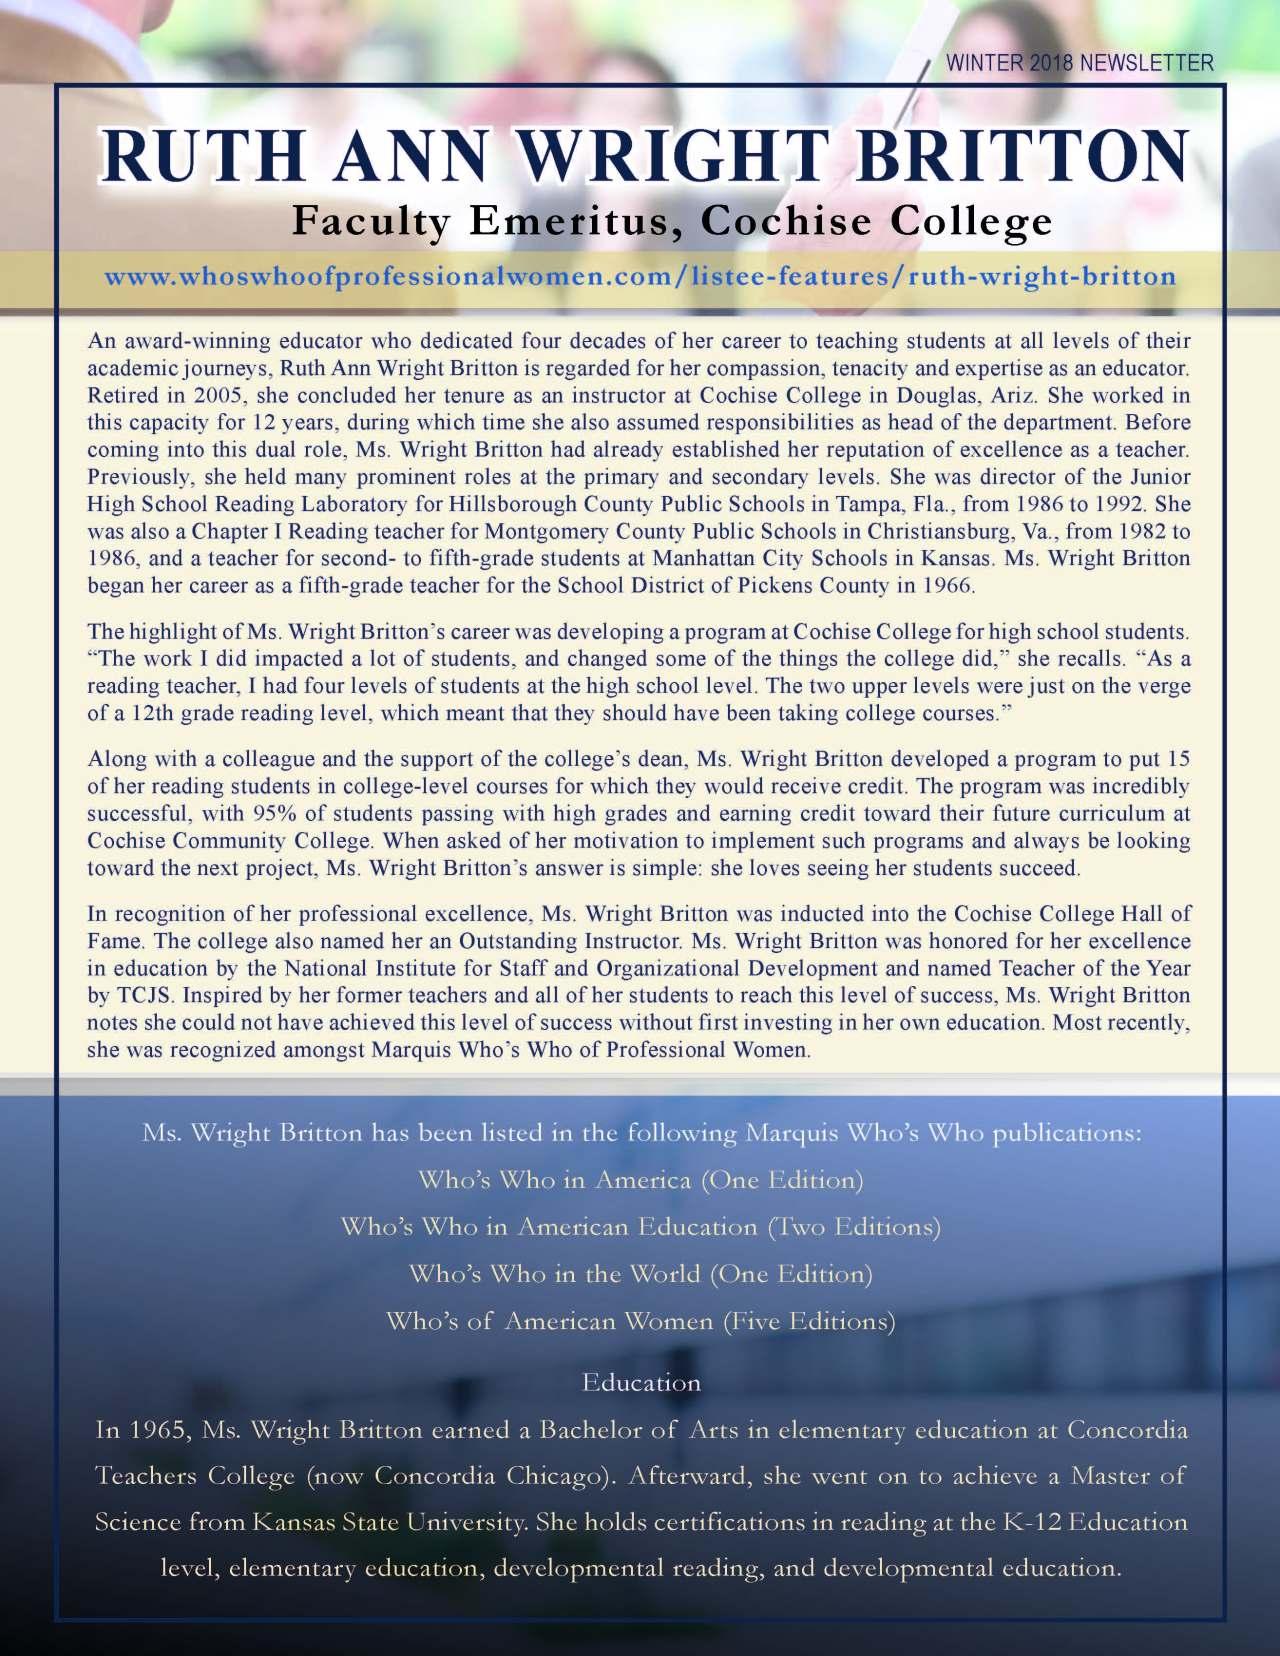 Wright Britton, Ruth 3693323_19671734 Newsletter